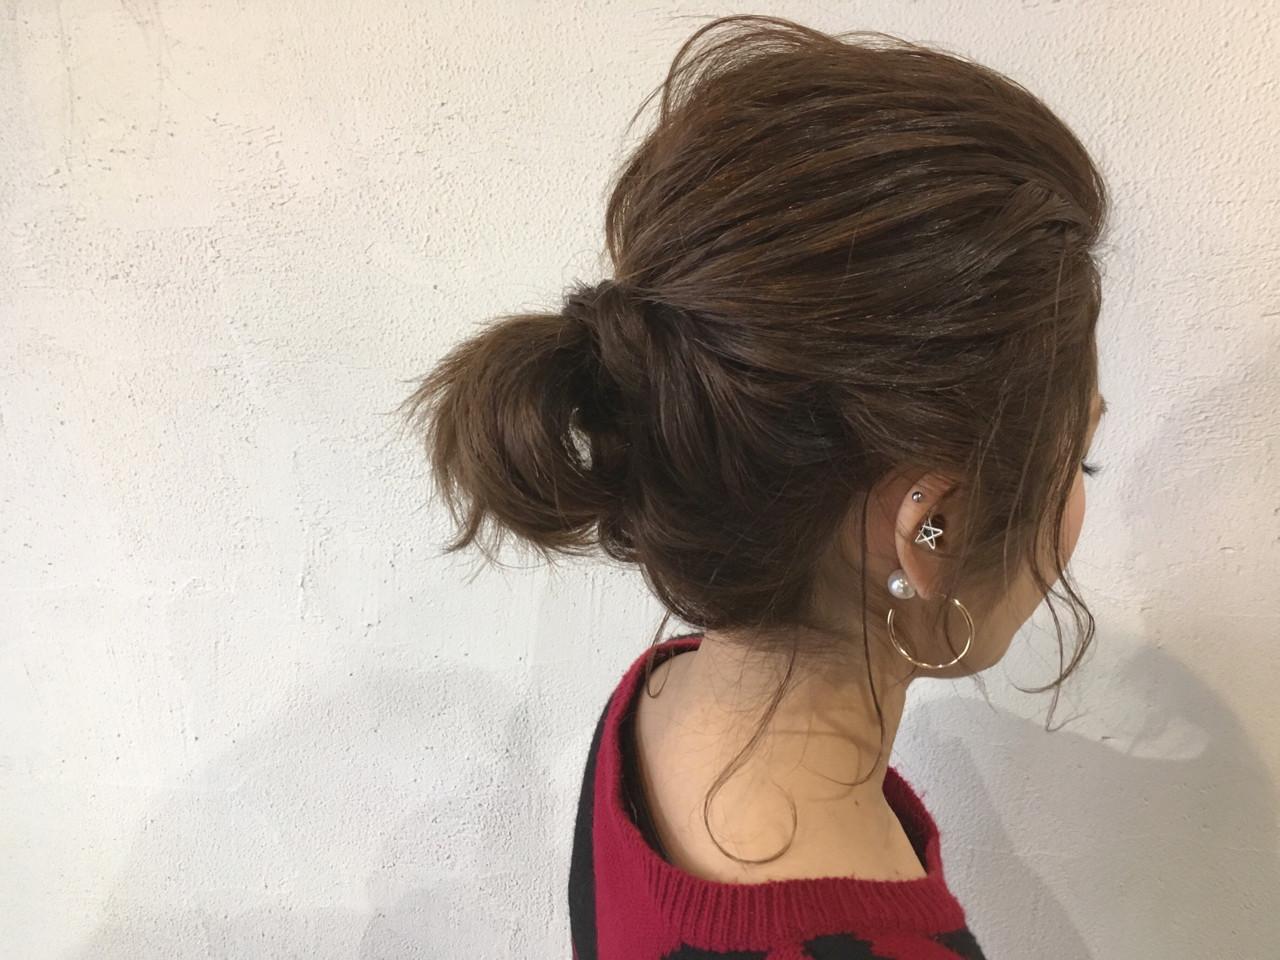 短い髪でも大丈夫!実は簡単なショートアレンジで朝から可愛く大変身♡ 尾崎裕介